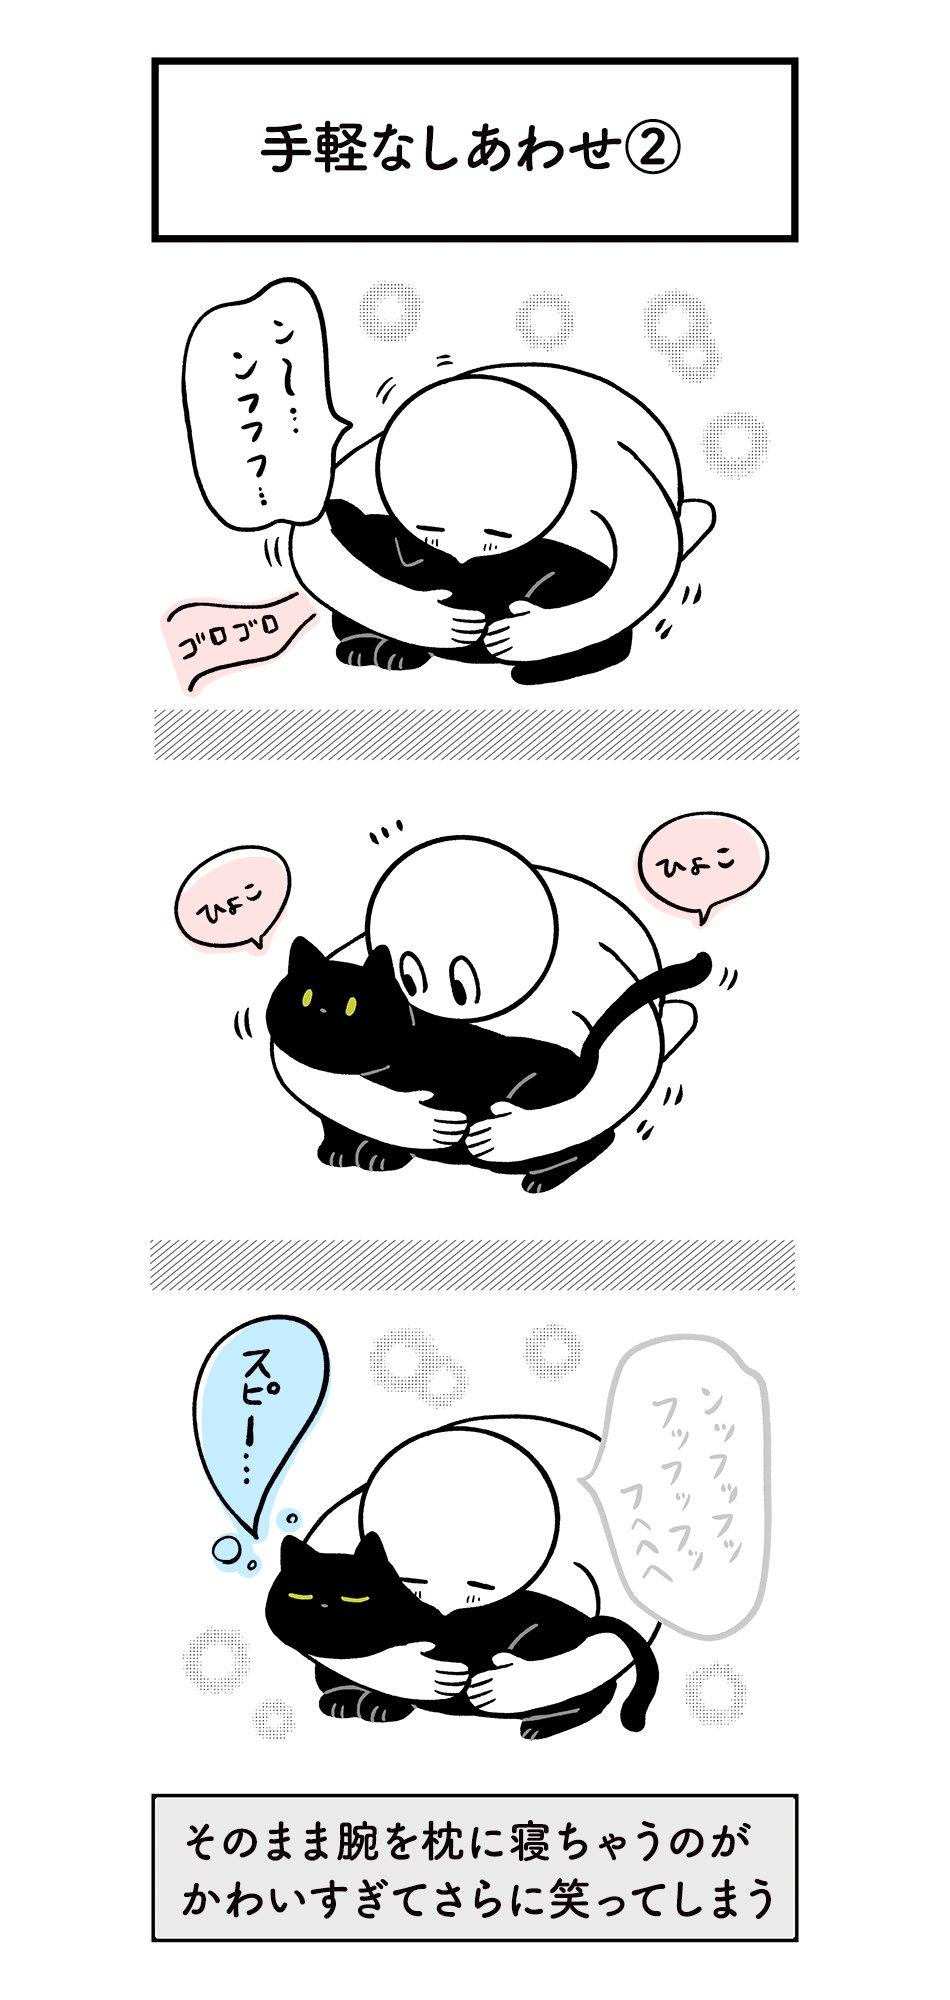 3秒で幸せな気持ちになれる!猫とのスキンシップ